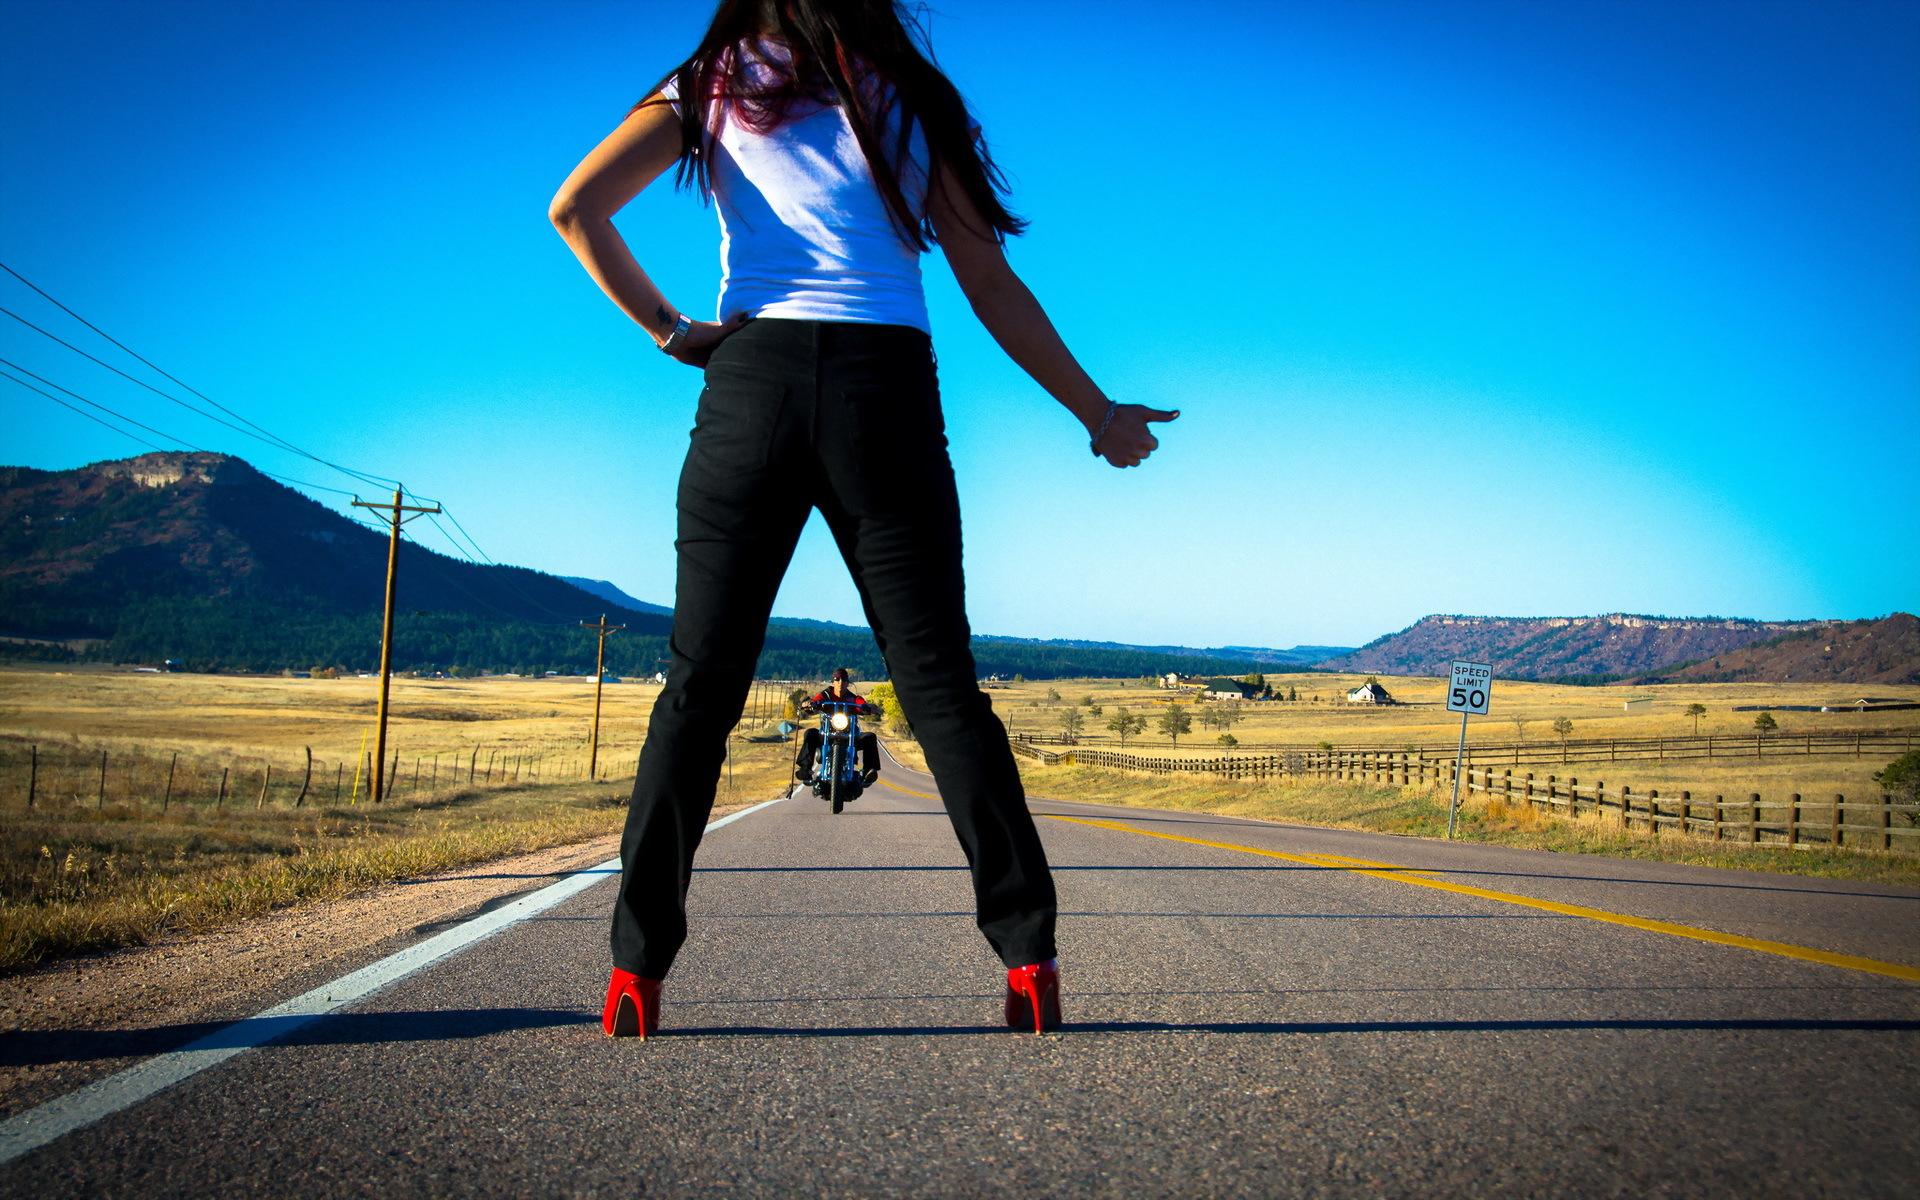 Картинка девушка на трассе